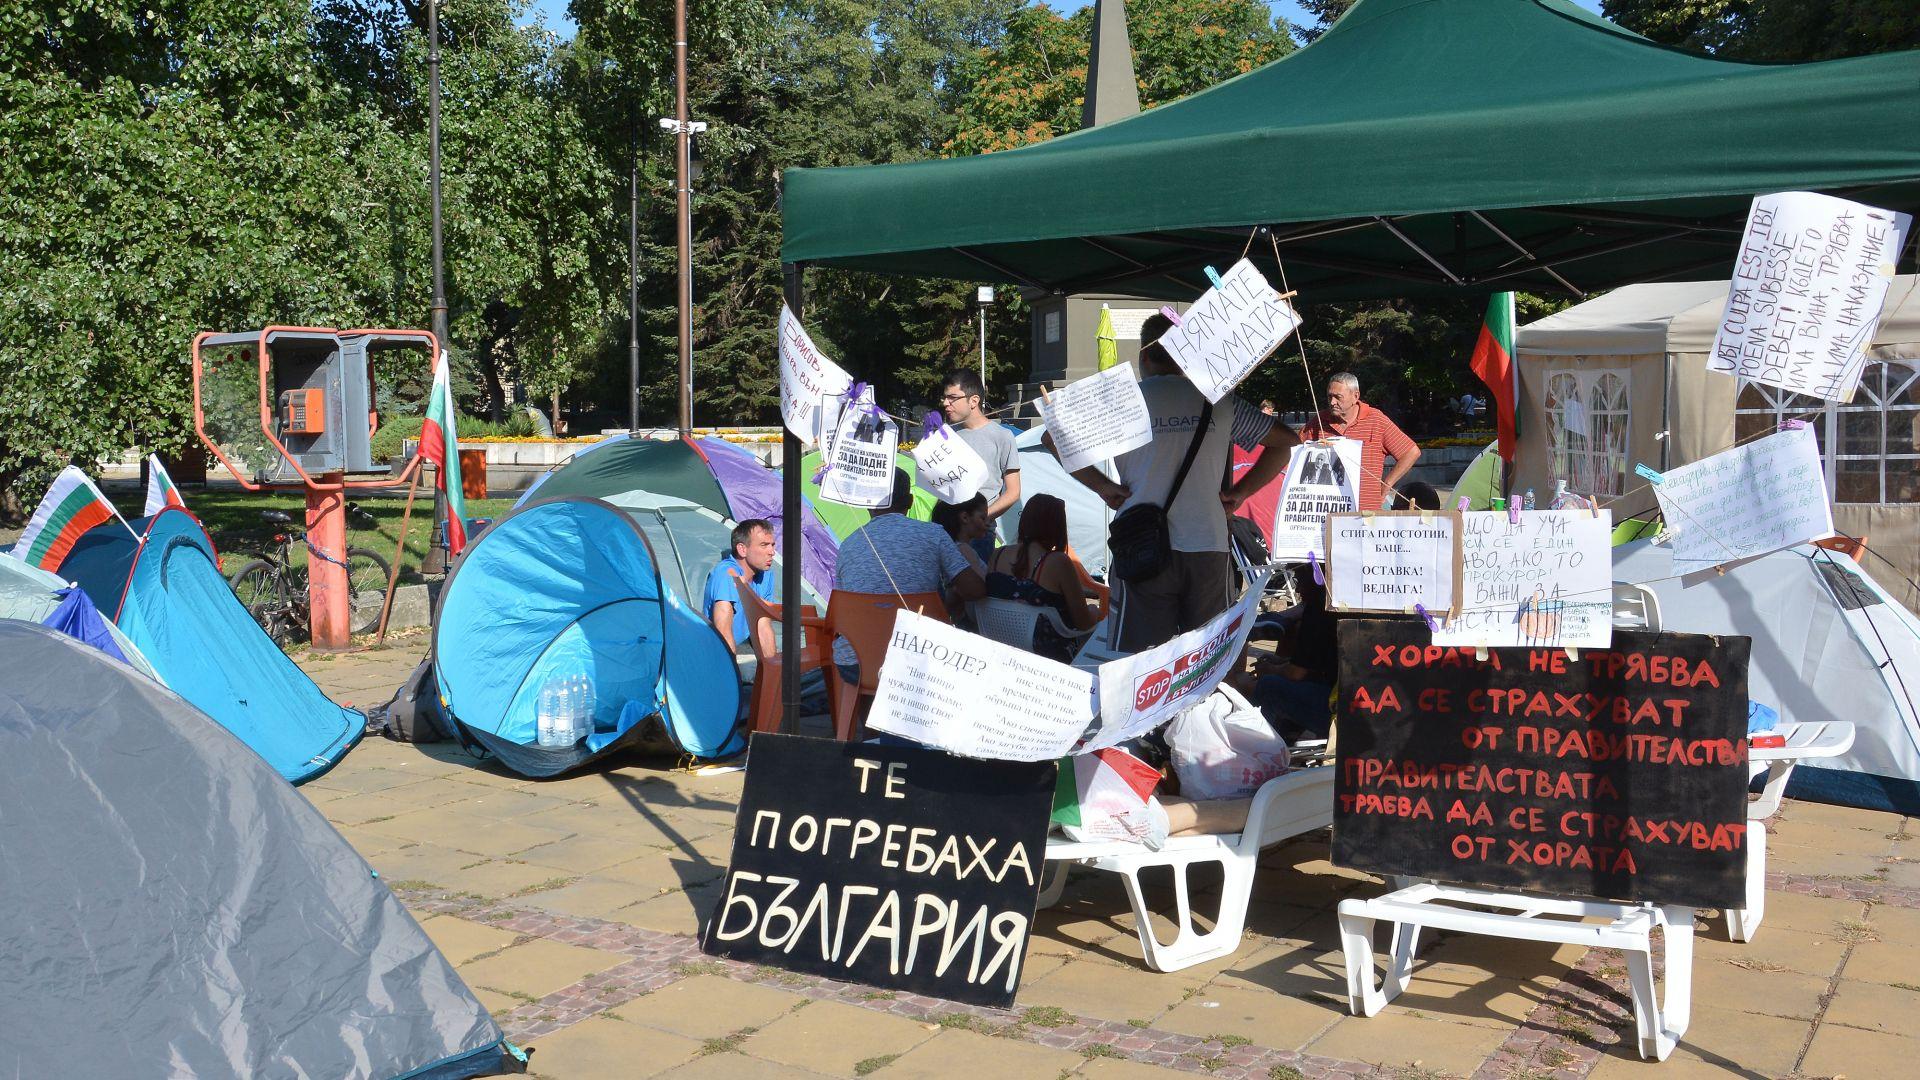 ЕК: Държавите имат право на полицейски действия за опазване на обществения ред